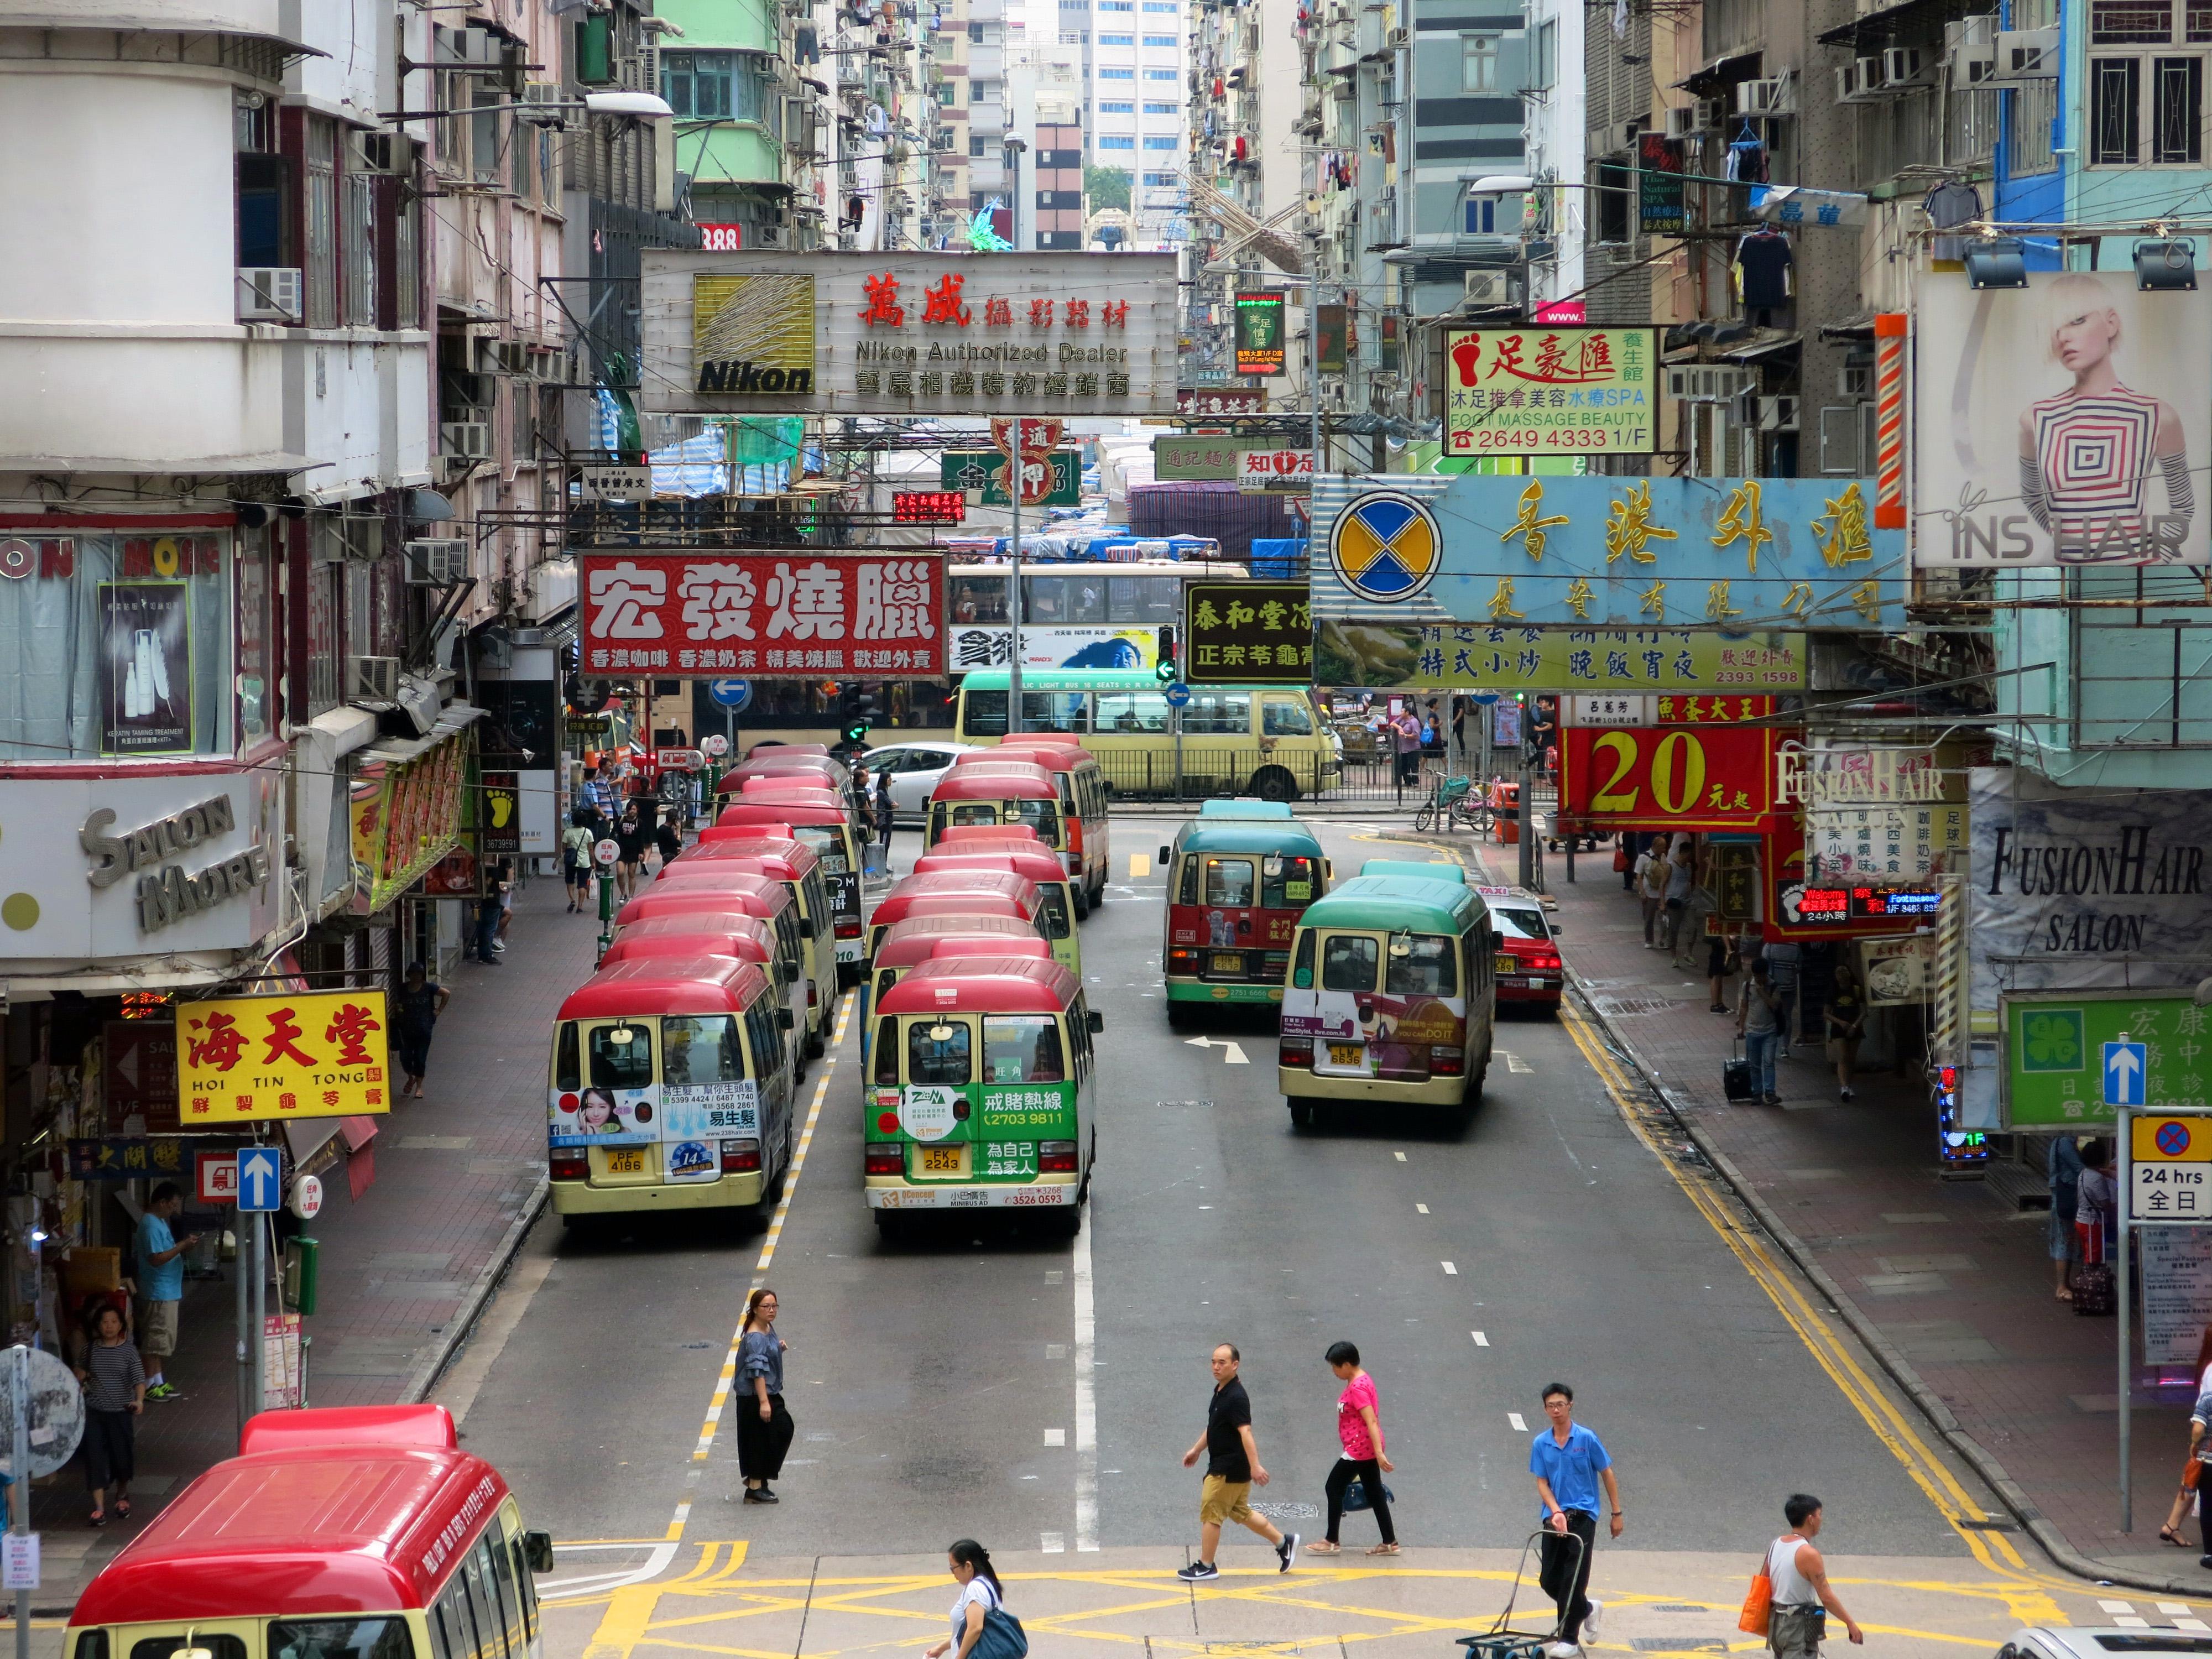 Hong Kong Mini Bus Lane